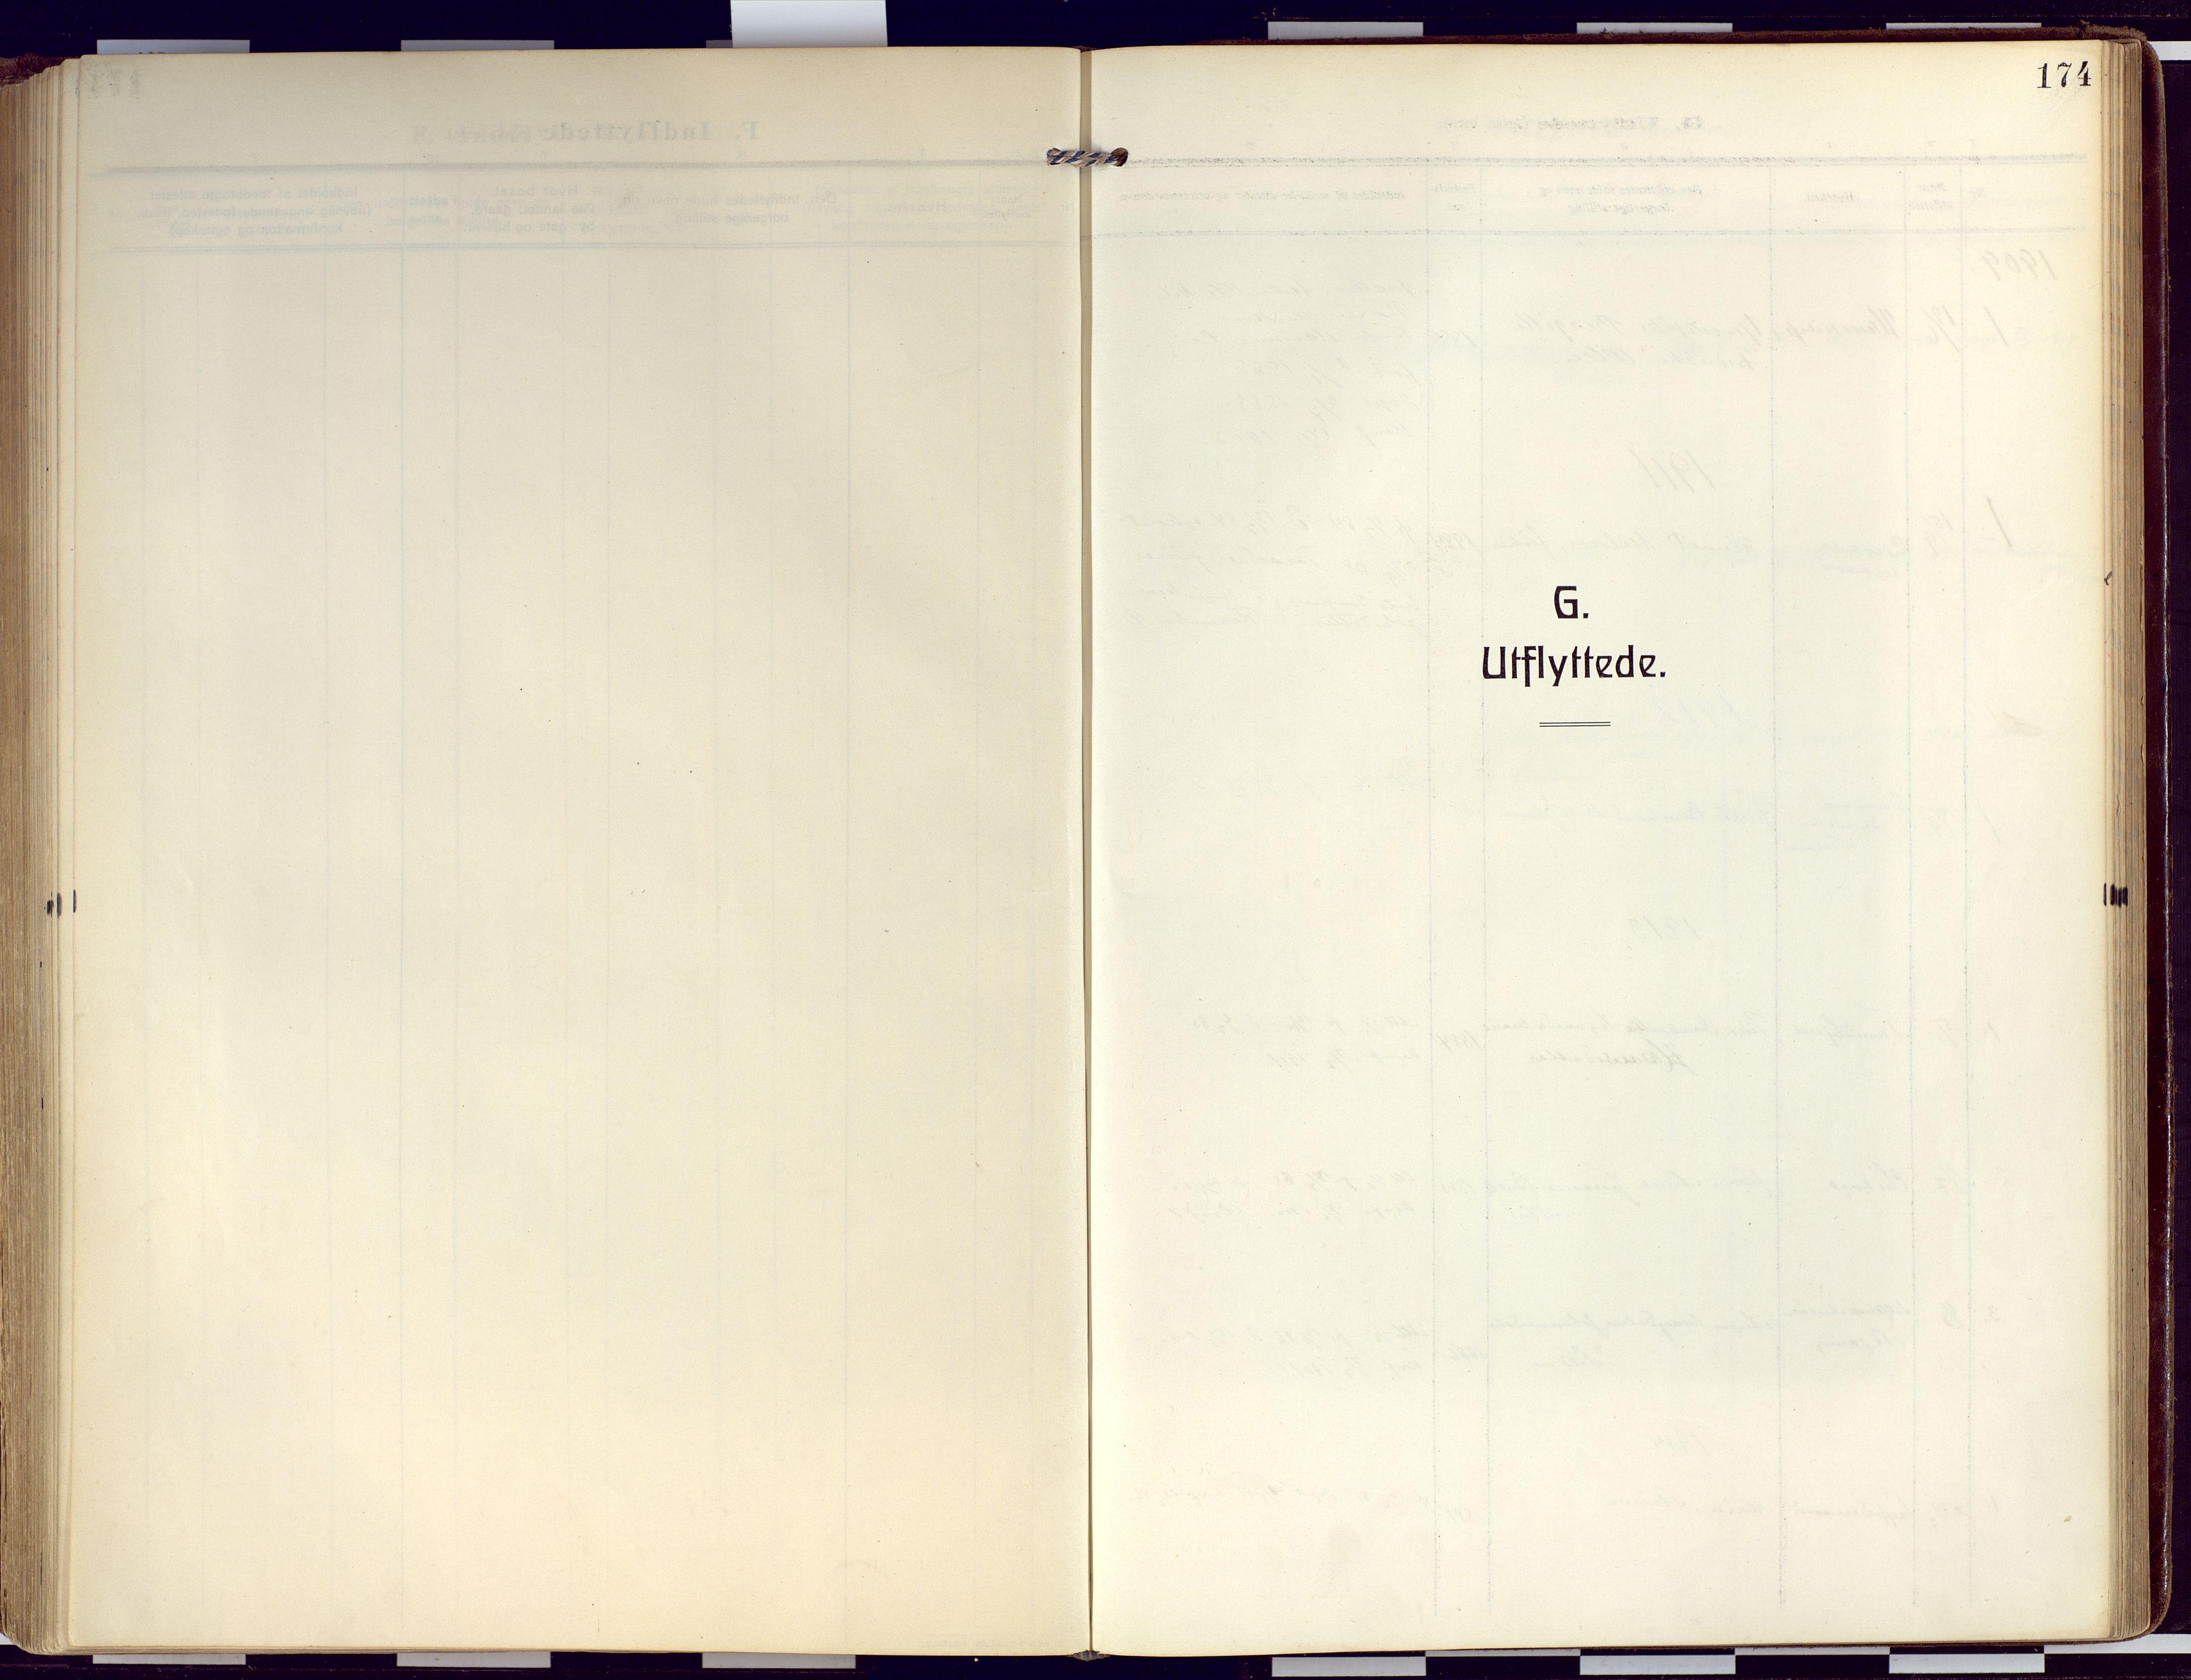 SATØ, Loppa sokneprestkontor, H/Ha/L0011kirke: Ministerialbok nr. 11, 1909-1919, s. 170